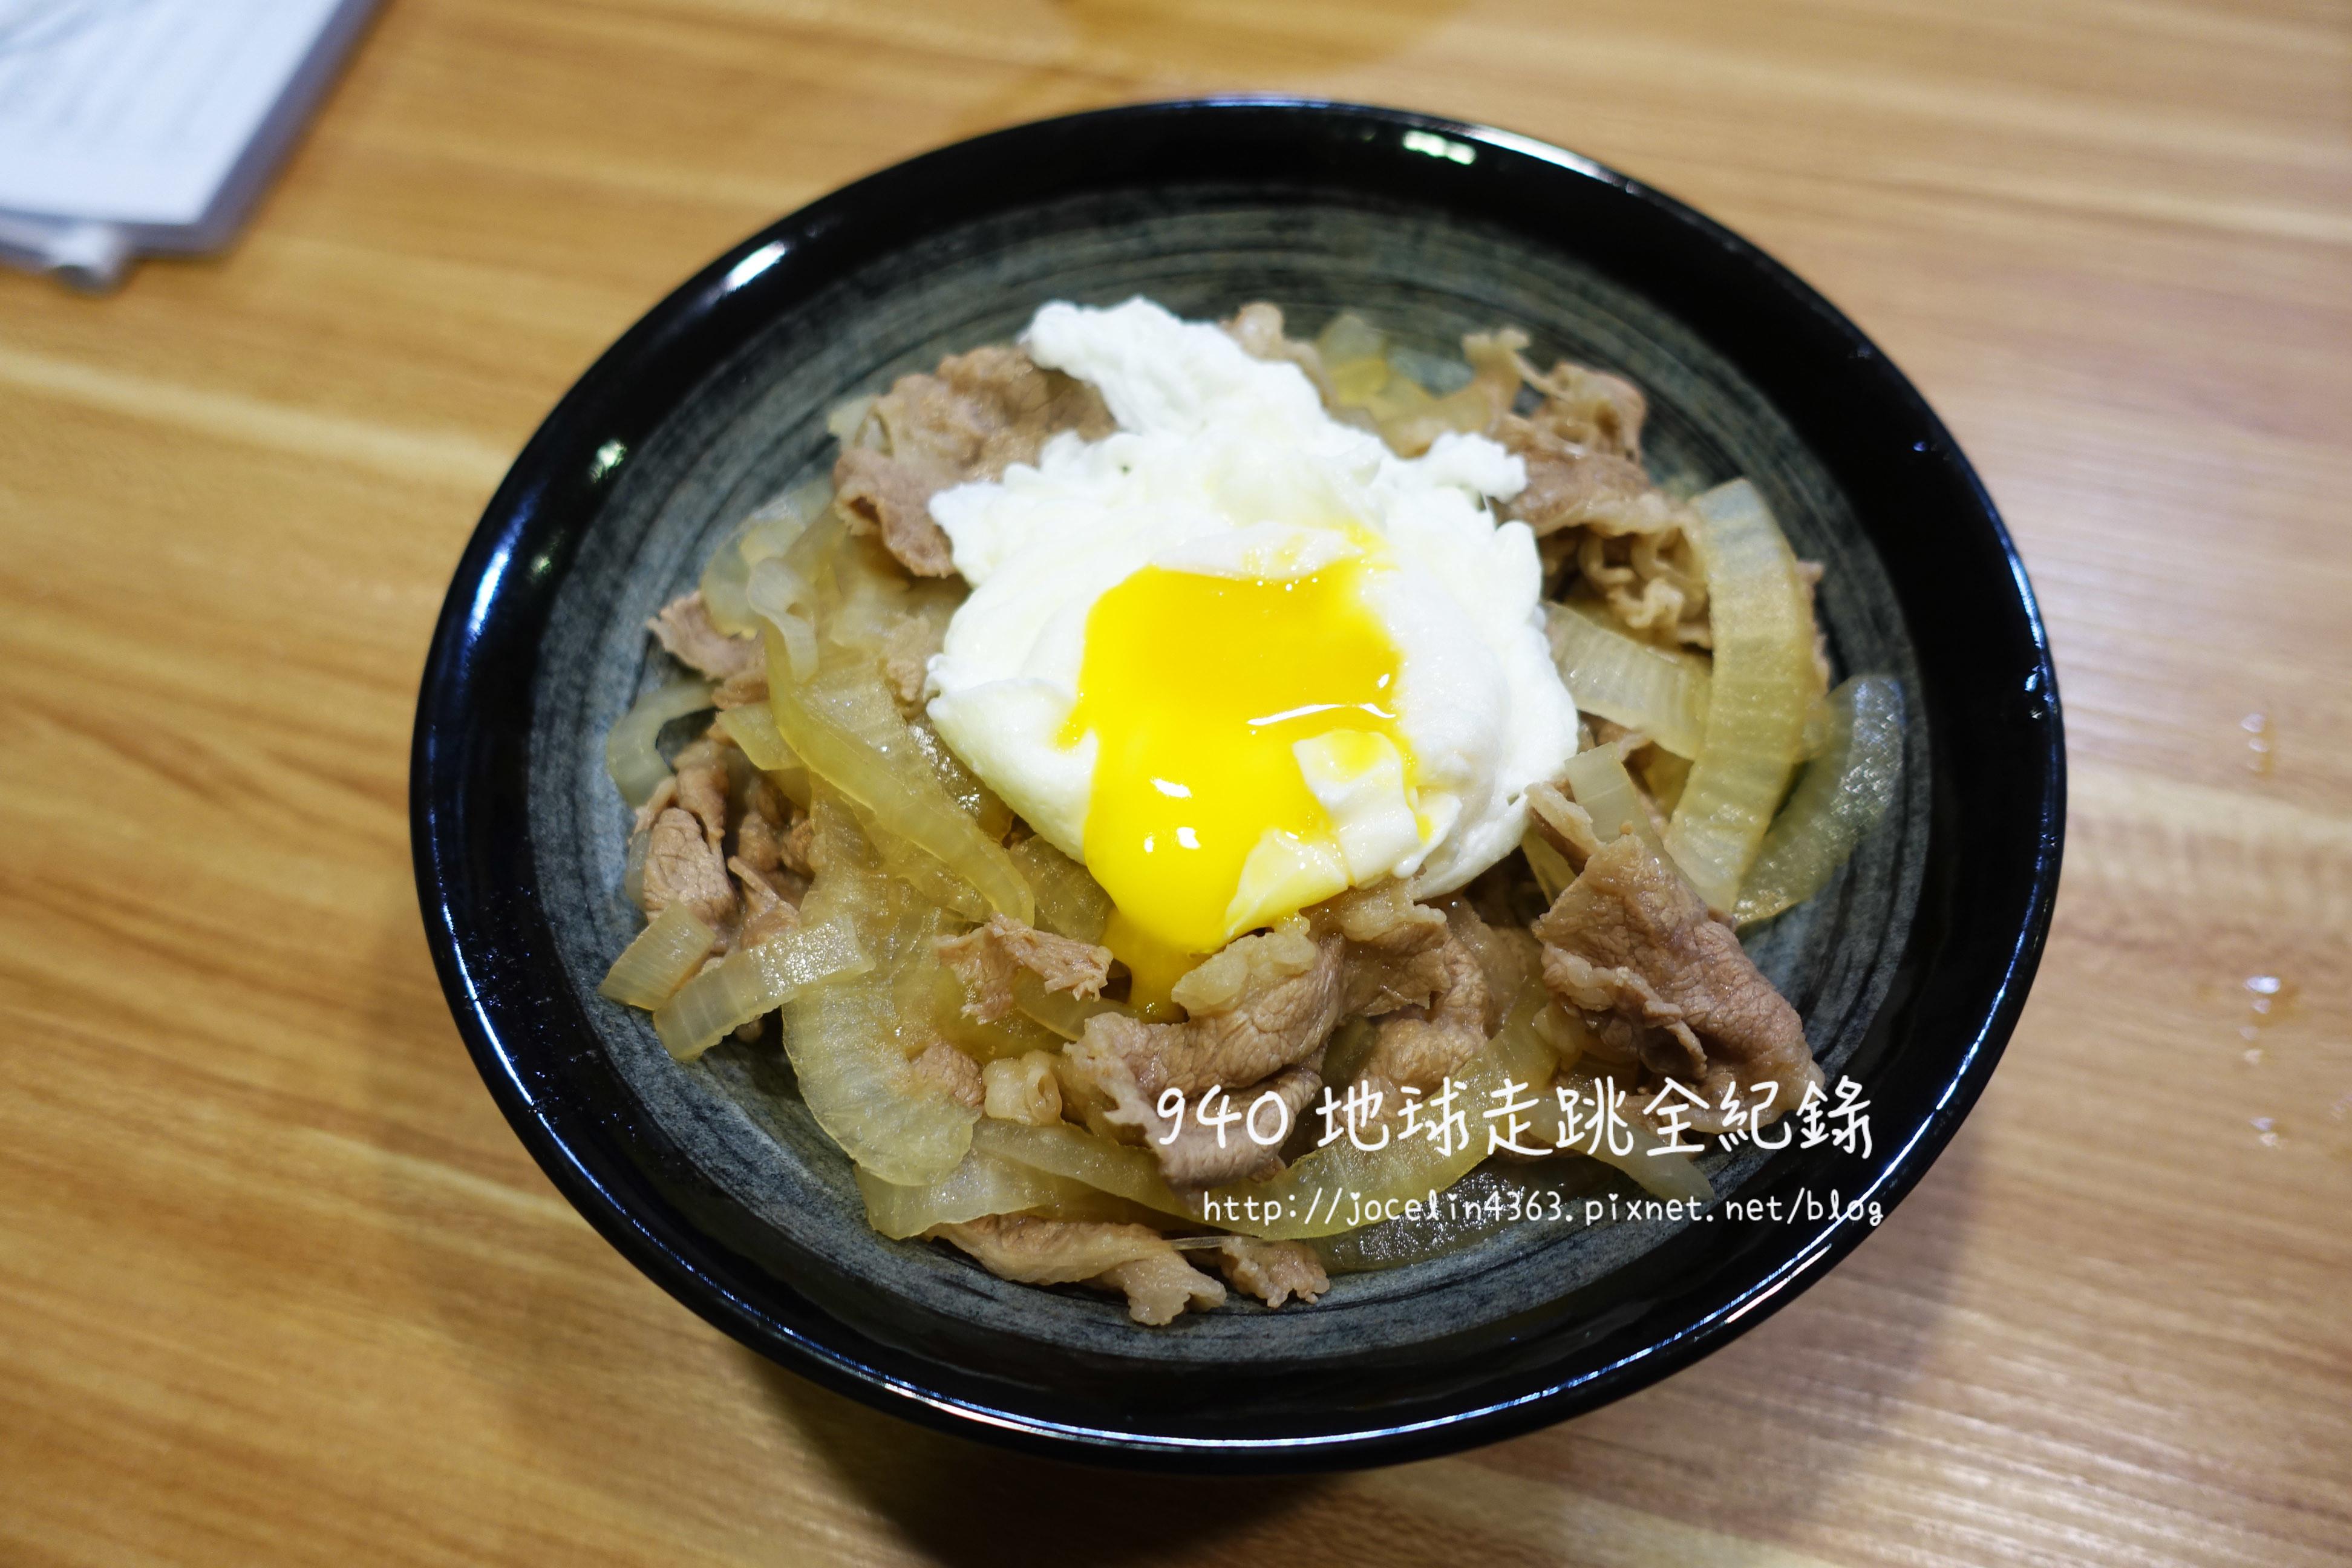 超簡易快速上手的日式牛丼